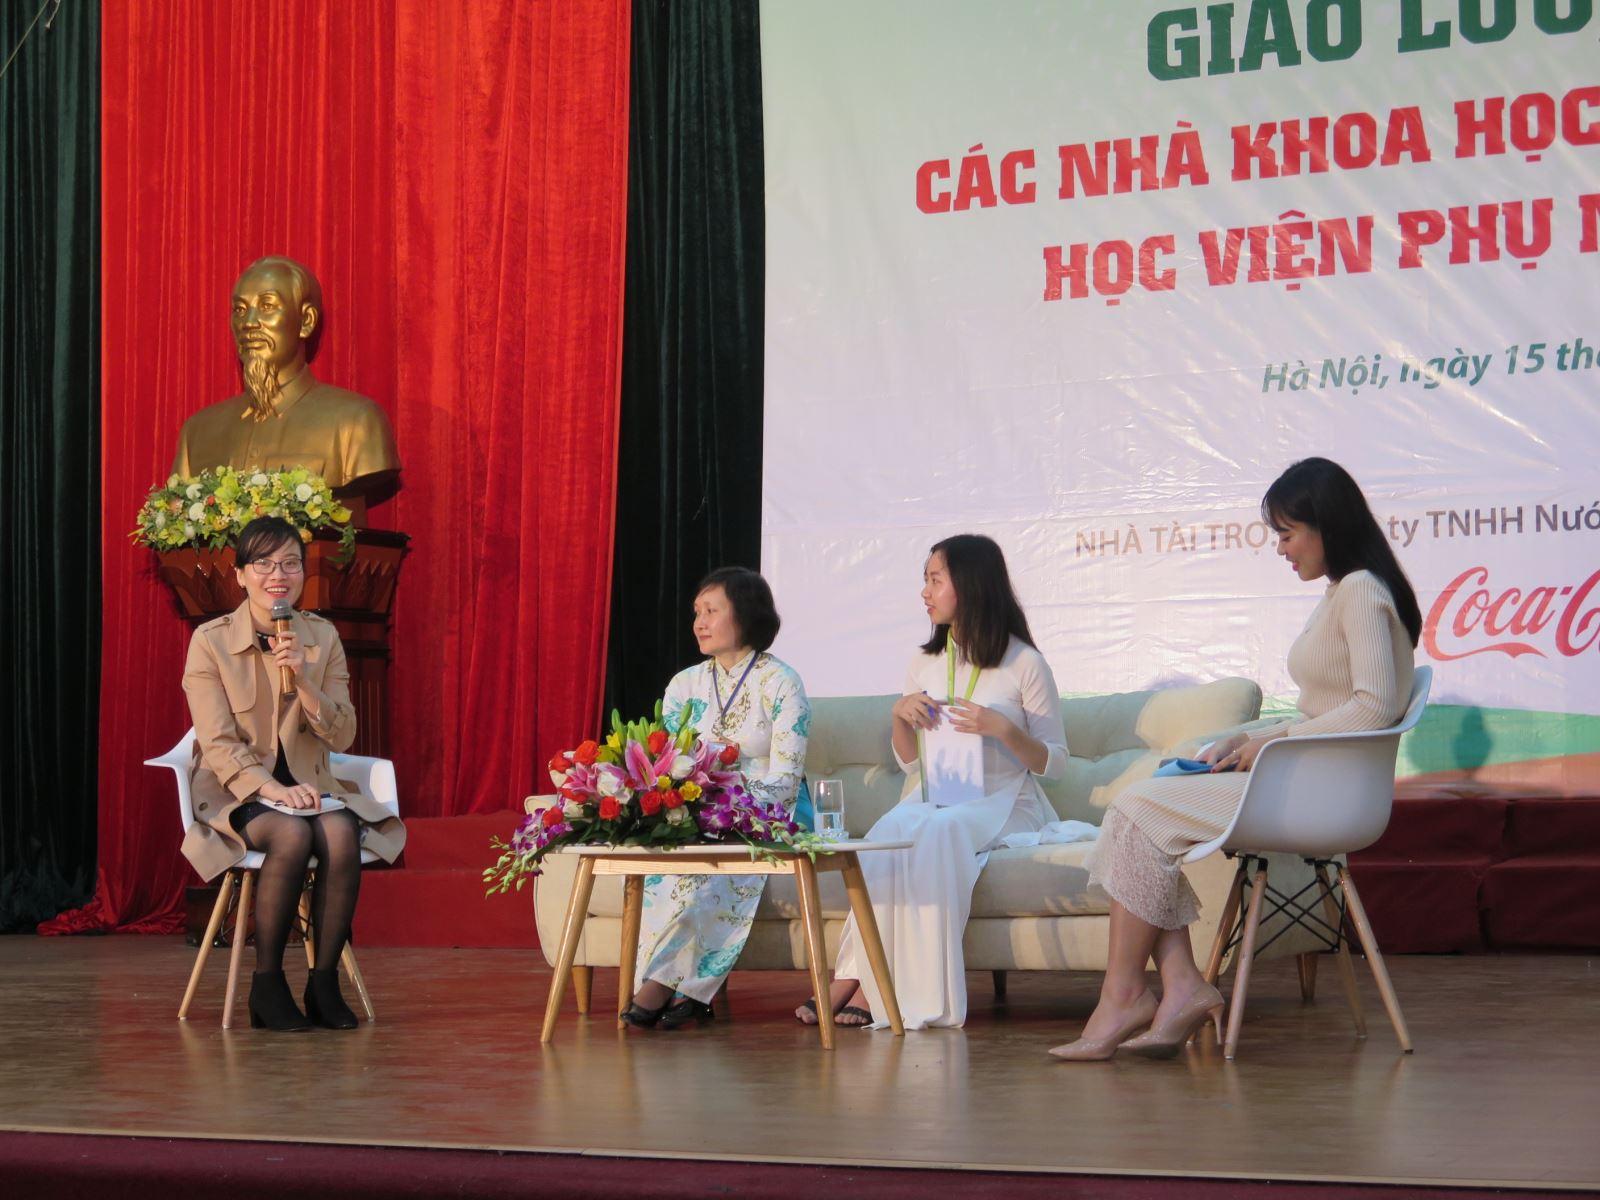 Giao lưu, gặp gỡ nhà khoa học nữ với nữ sinh và sinh viên Học viện Phụ nữ Việt Nam